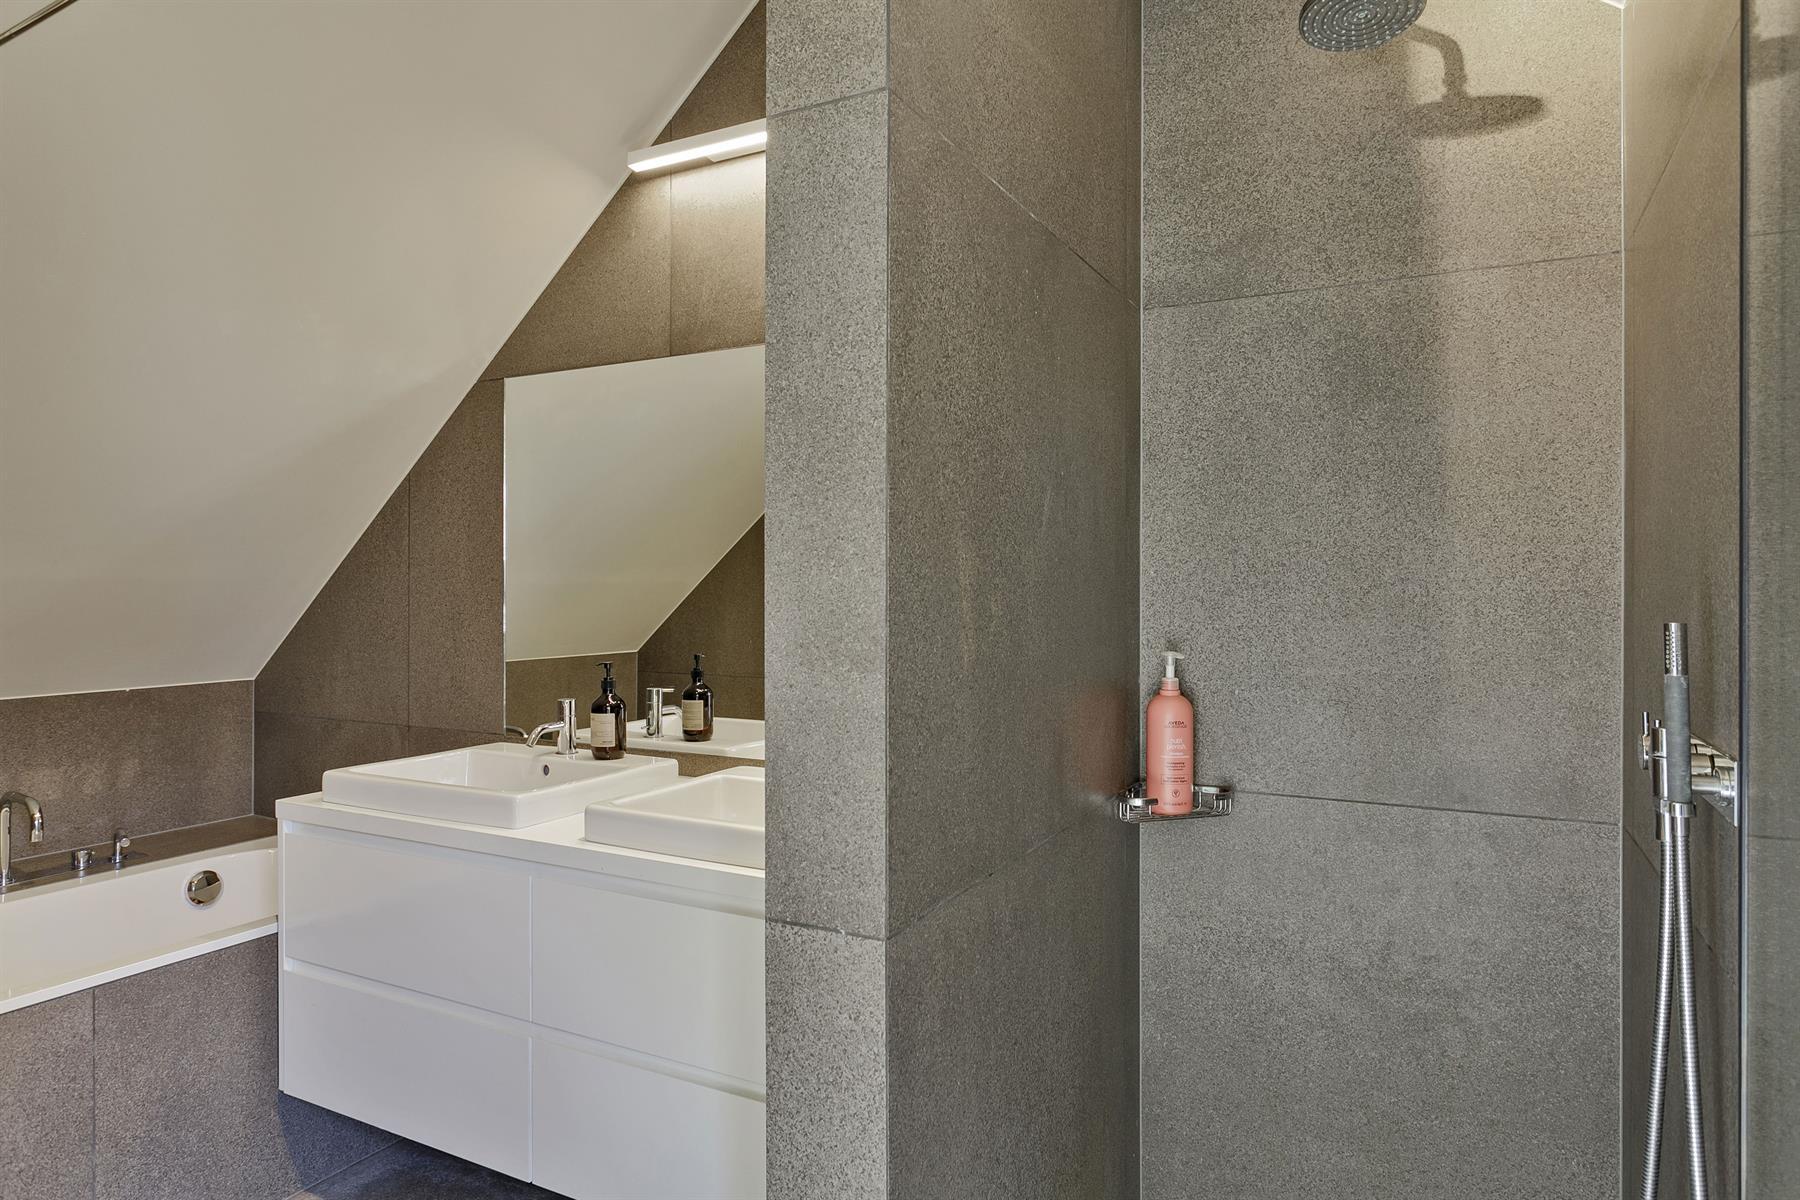 Makelaarskantoor De Meester, Appartement|Penthouse te 2000 Antwerpen